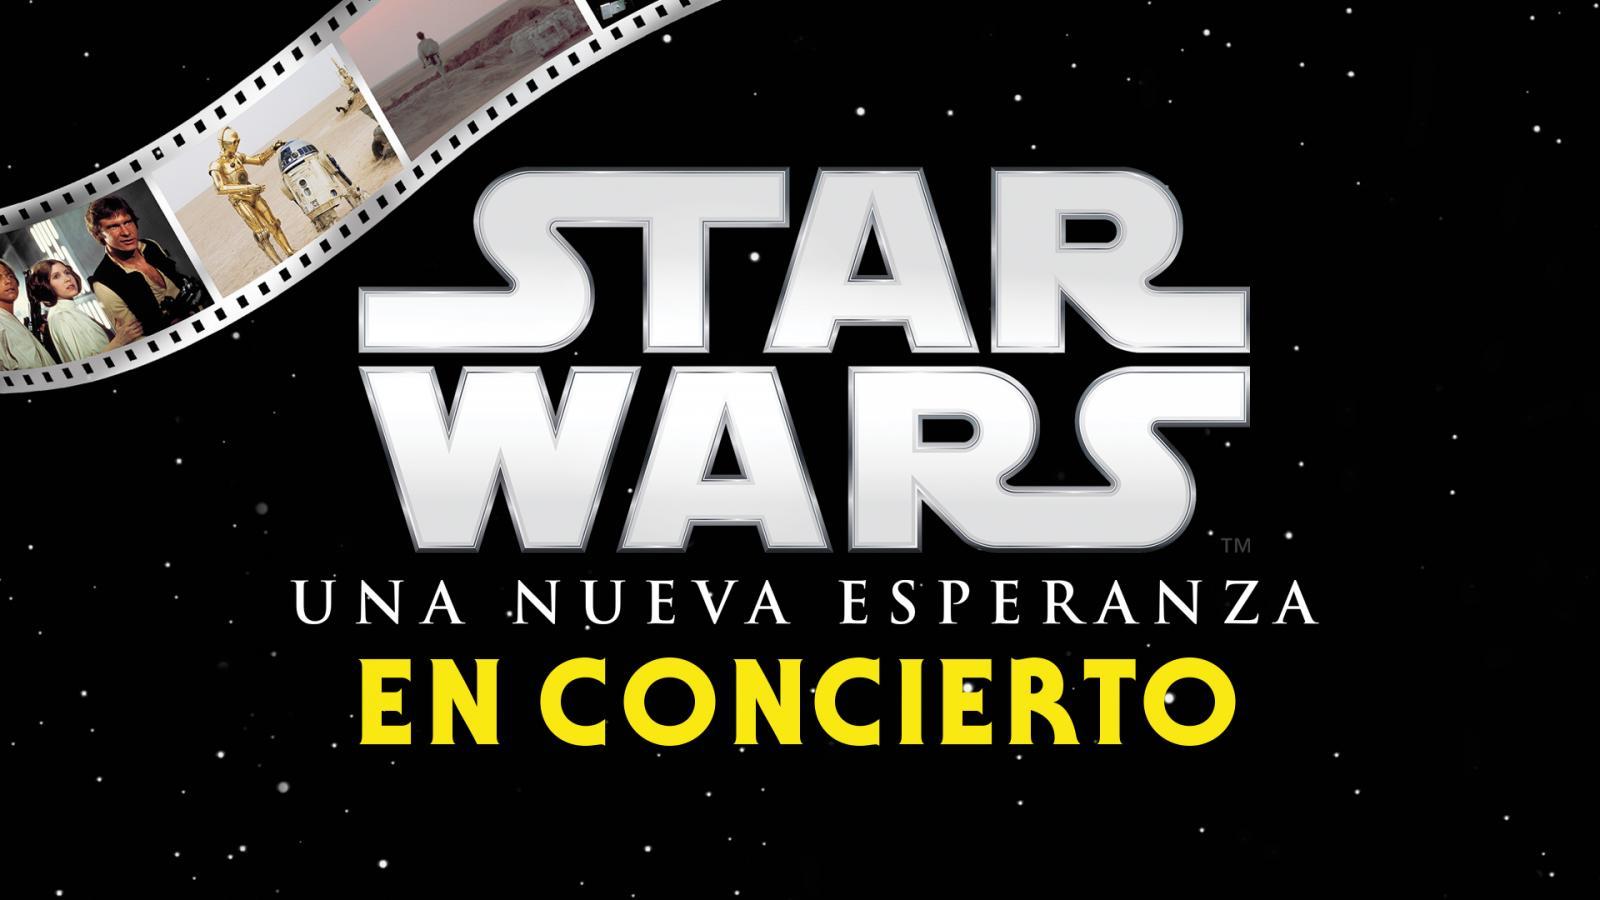 Disney y Teatro Colón presentan Star Wars: Una nueva esperanza en concierto